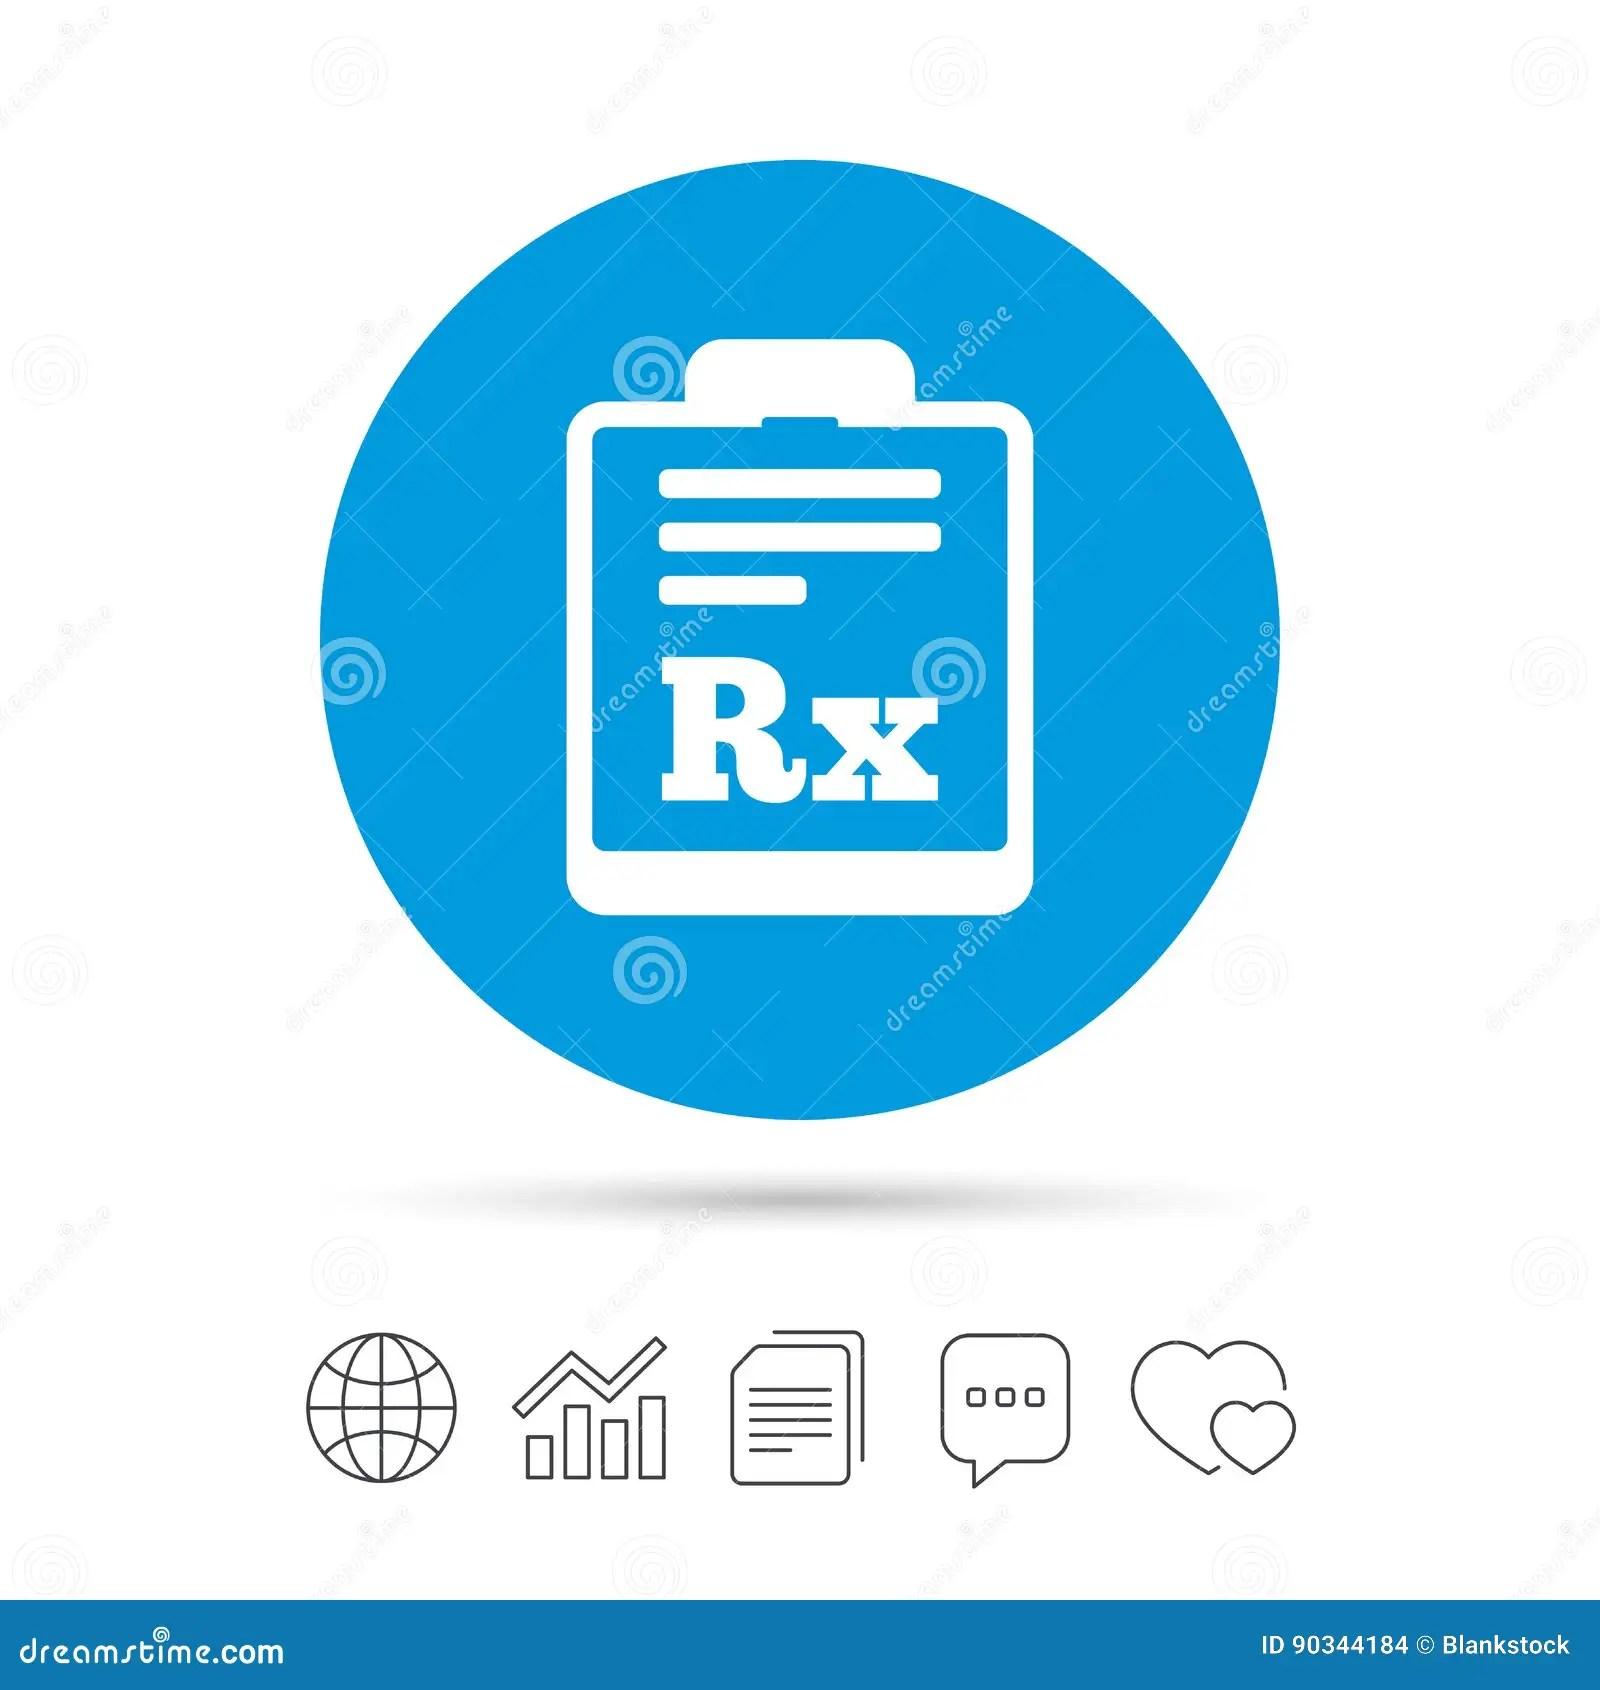 hight resolution of  de rx de prescription symbole de pharmacie ou de m decine copiez les dossiers causez les ic nes de web de bulle de la parole et de diagramme vecteur